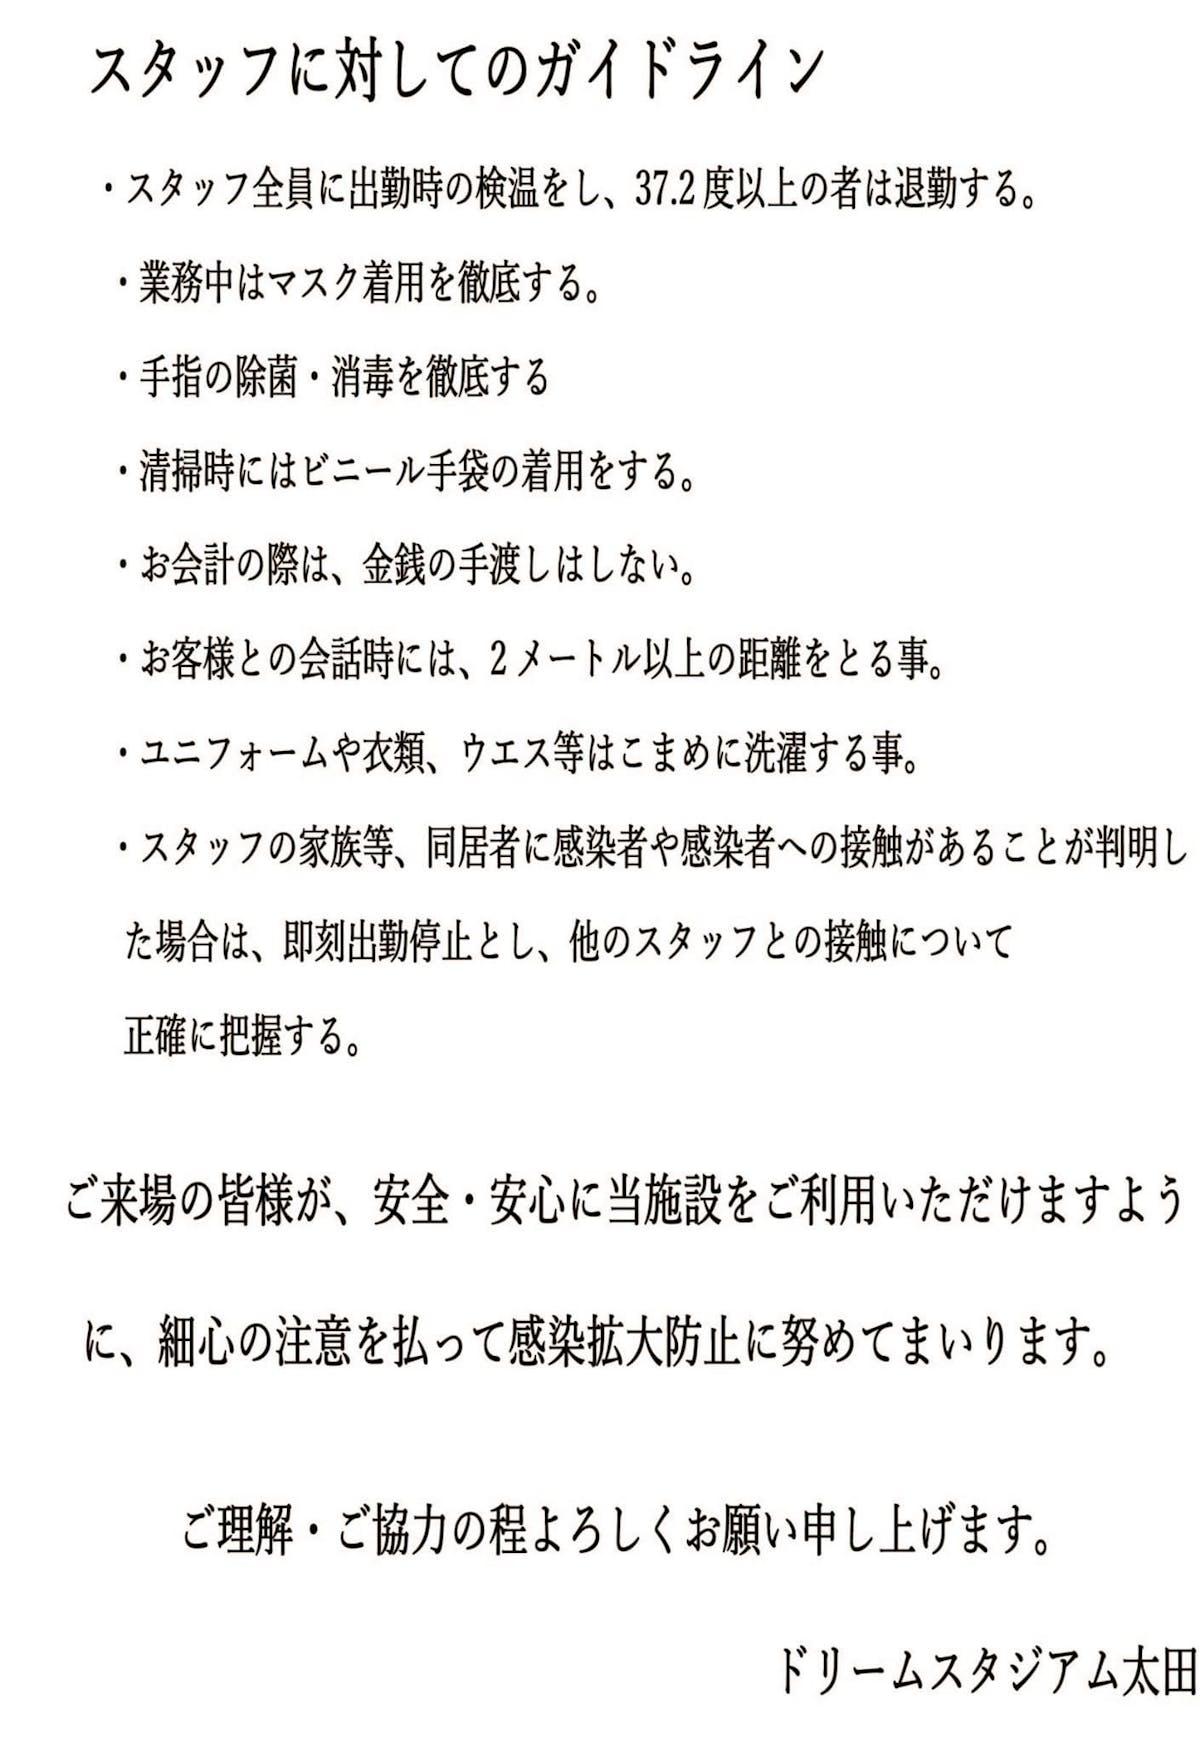 B7B465D5-0BD1-4267-B73D-EEC5EFF17D46.jpeg